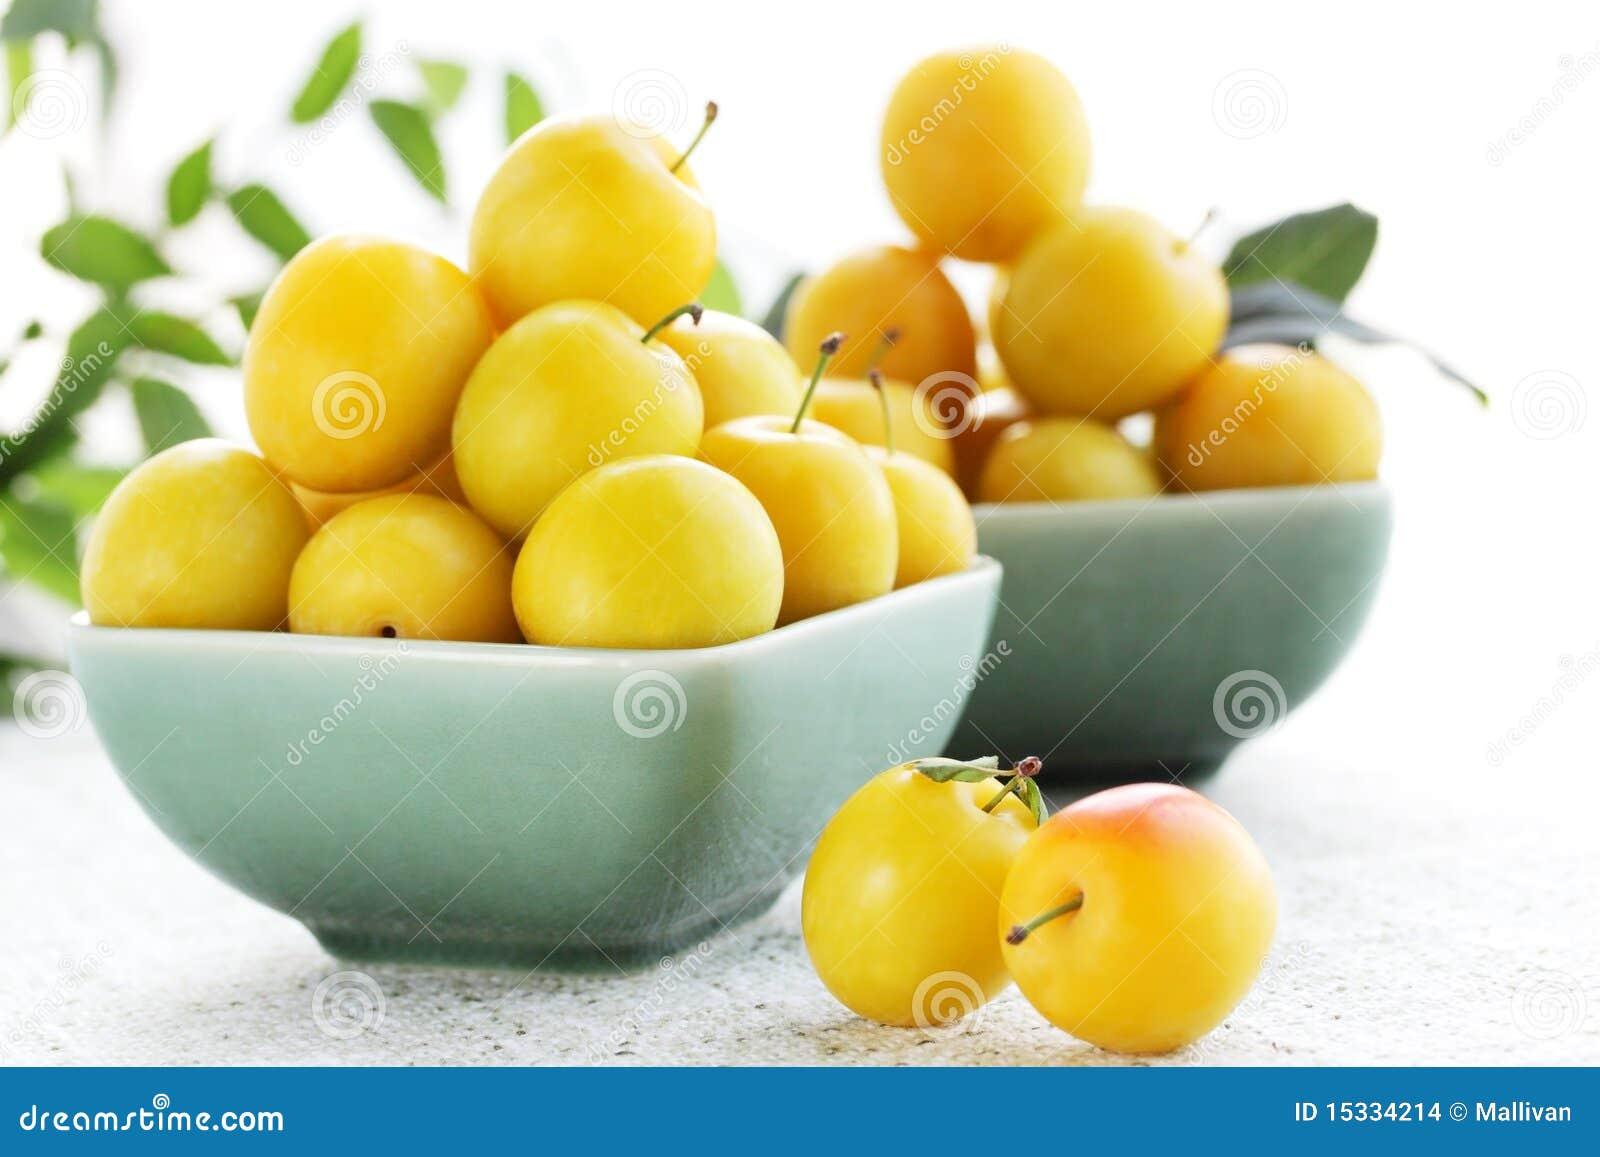 Алыча желтая на зиму рецепты